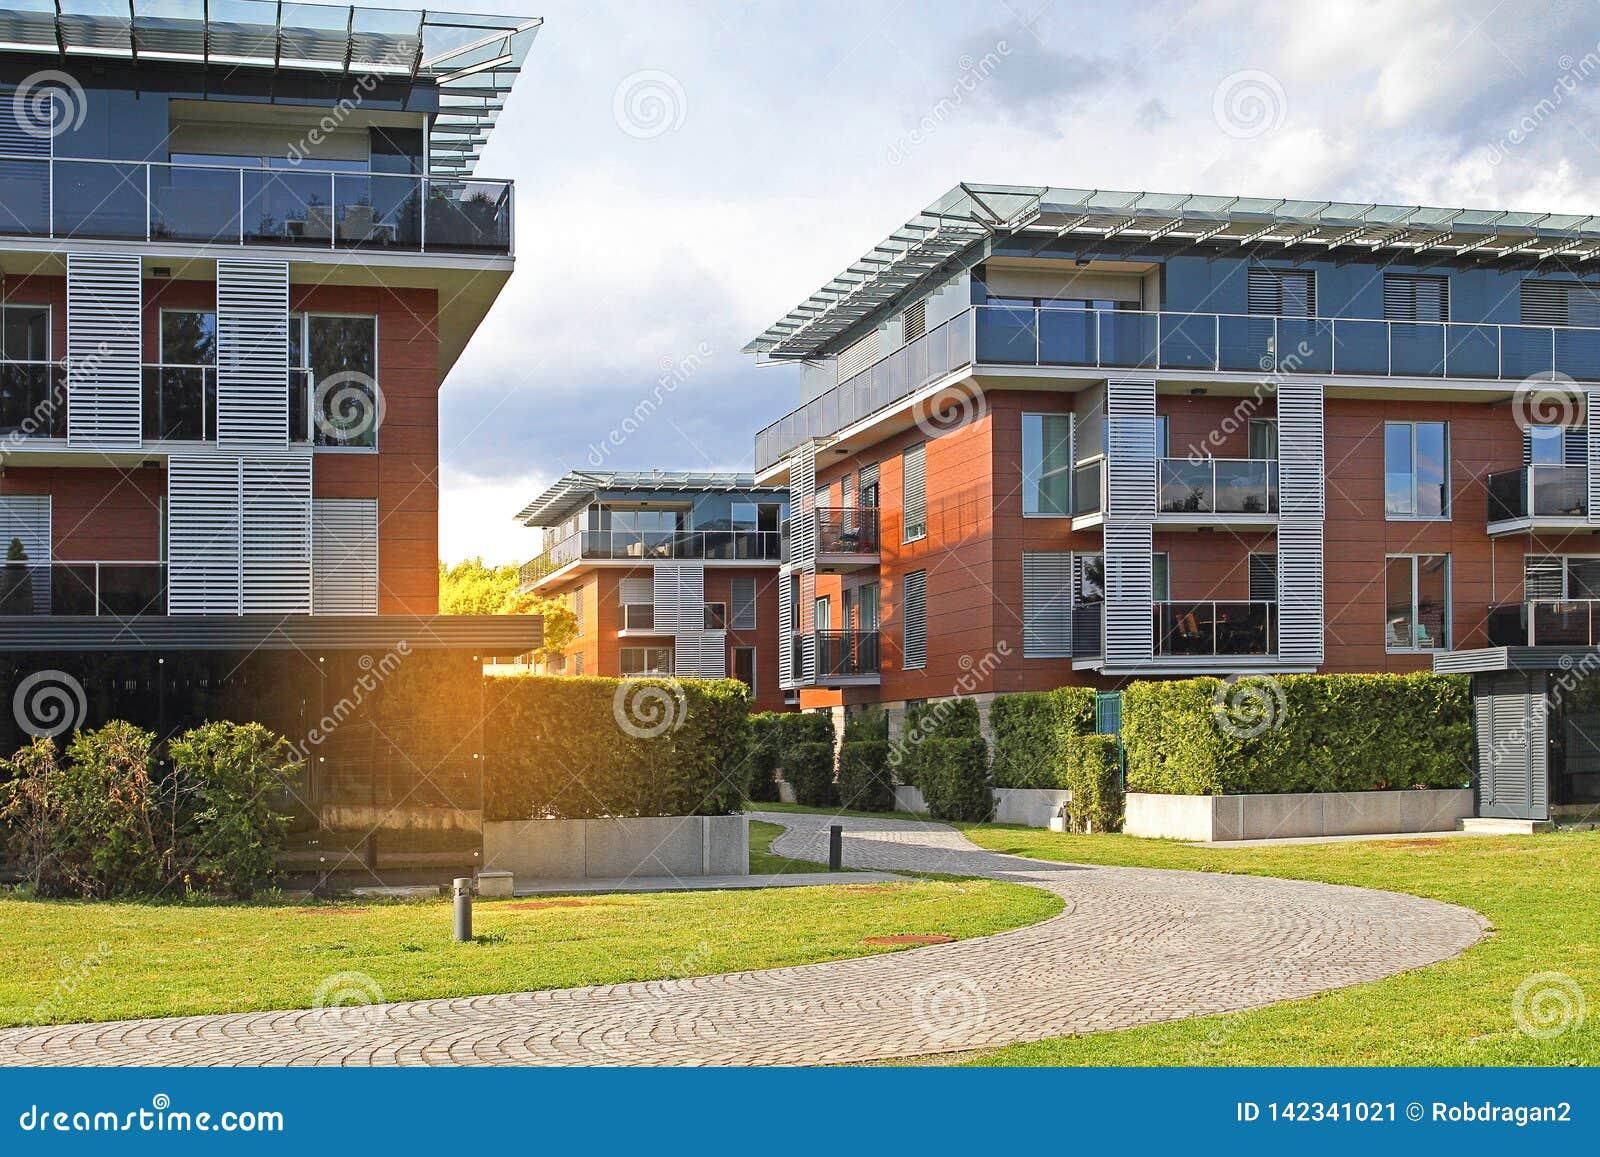 Modernes Wohngebiet mit Apartmenthäusern, Gebäude in einer neuen Stadtentwicklung